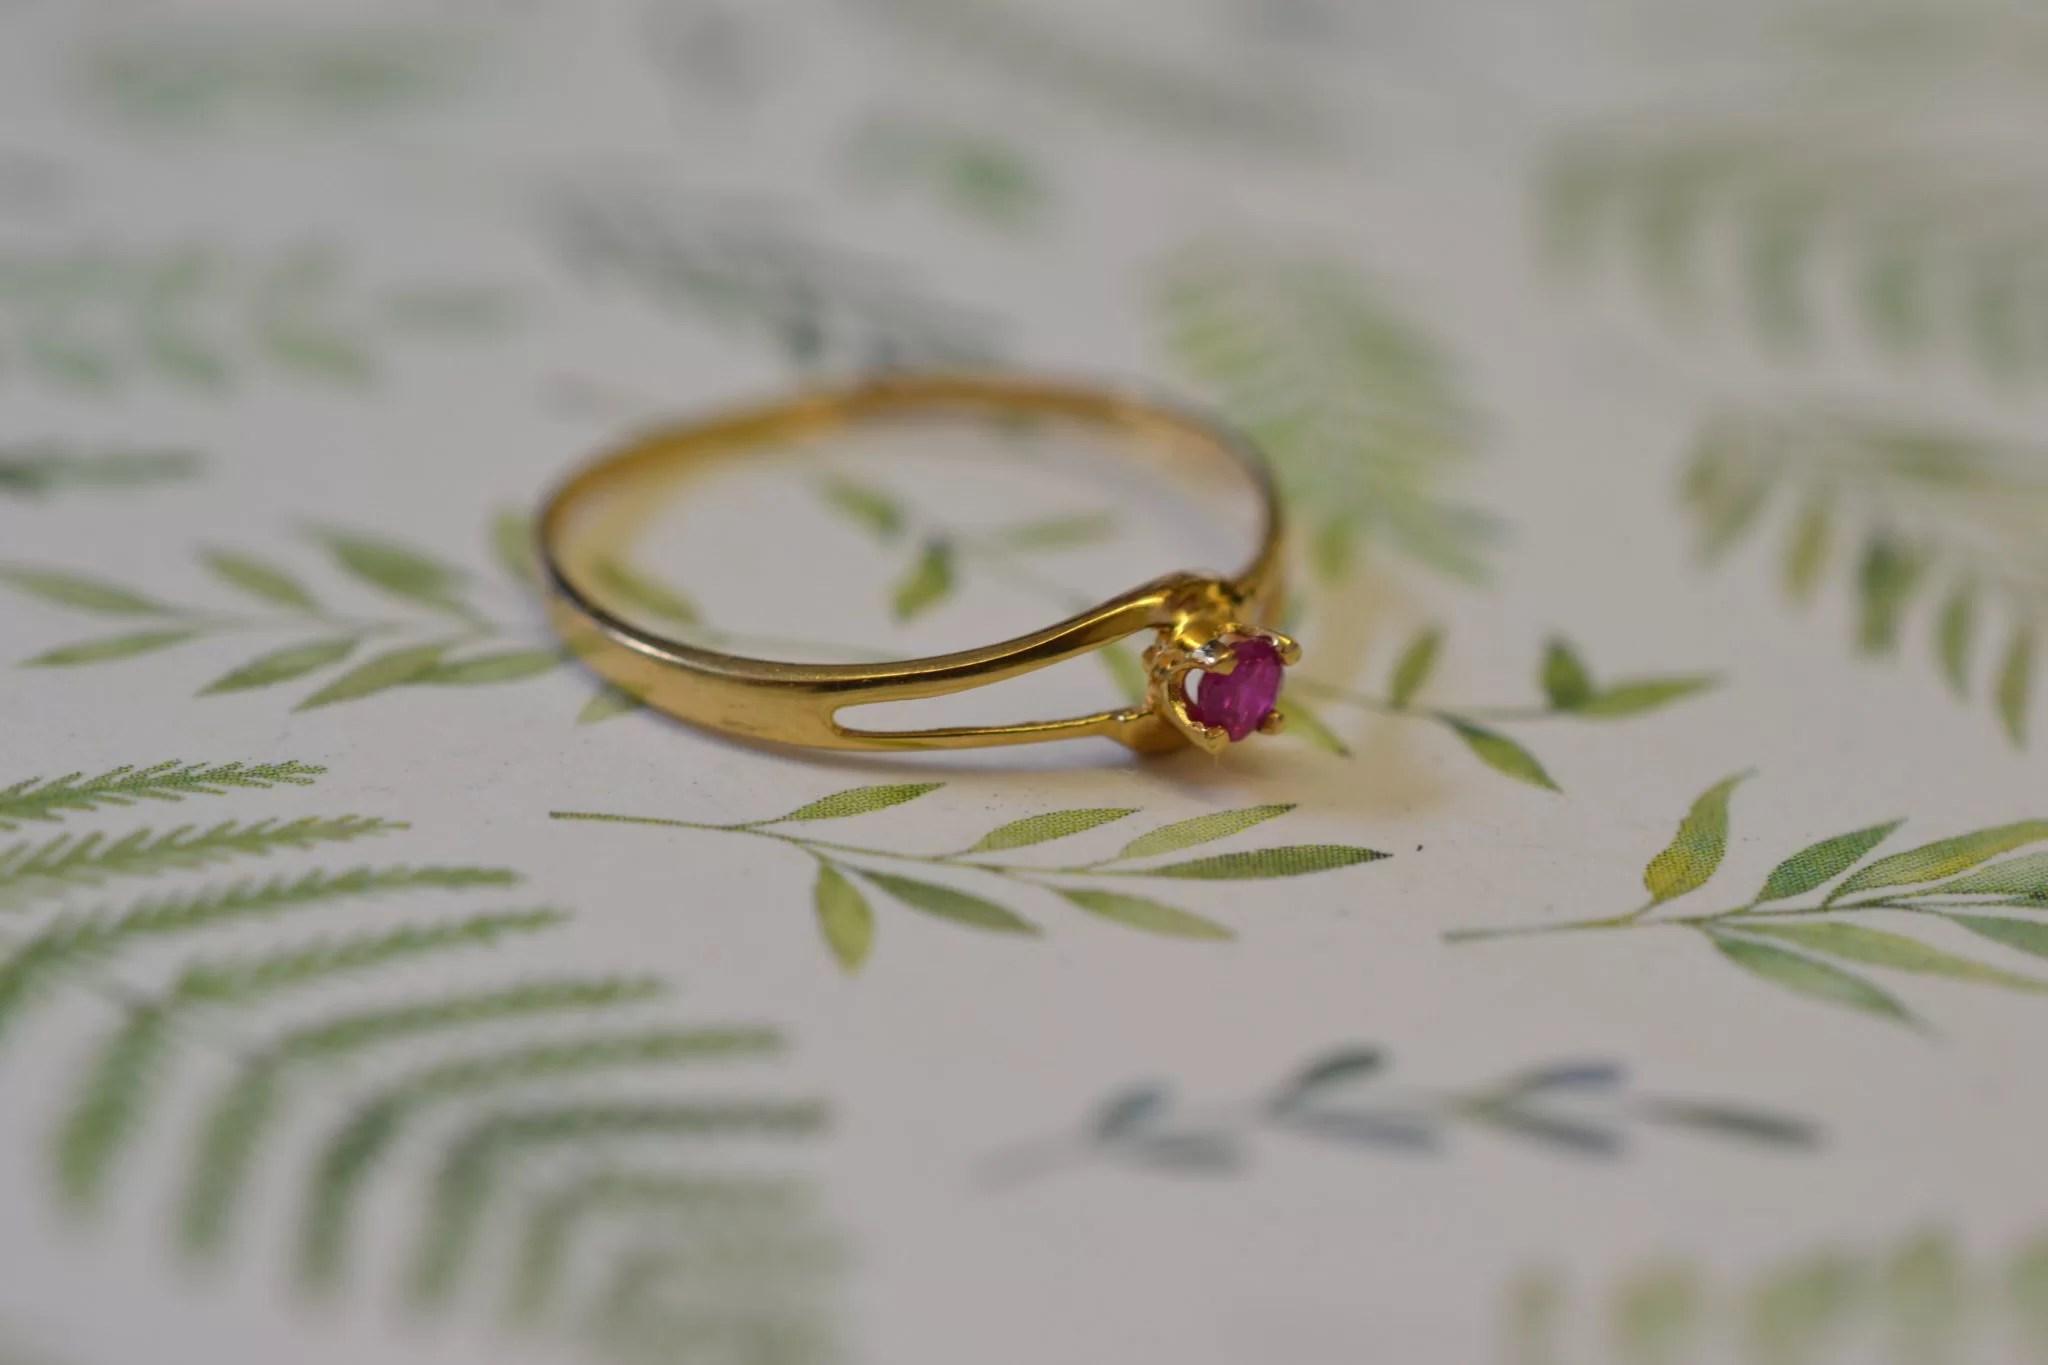 Bague Fine Ancienne Or Jaune Et Rubis - Bijoux Anciens En Or 18 Carats - Bijoux Durables